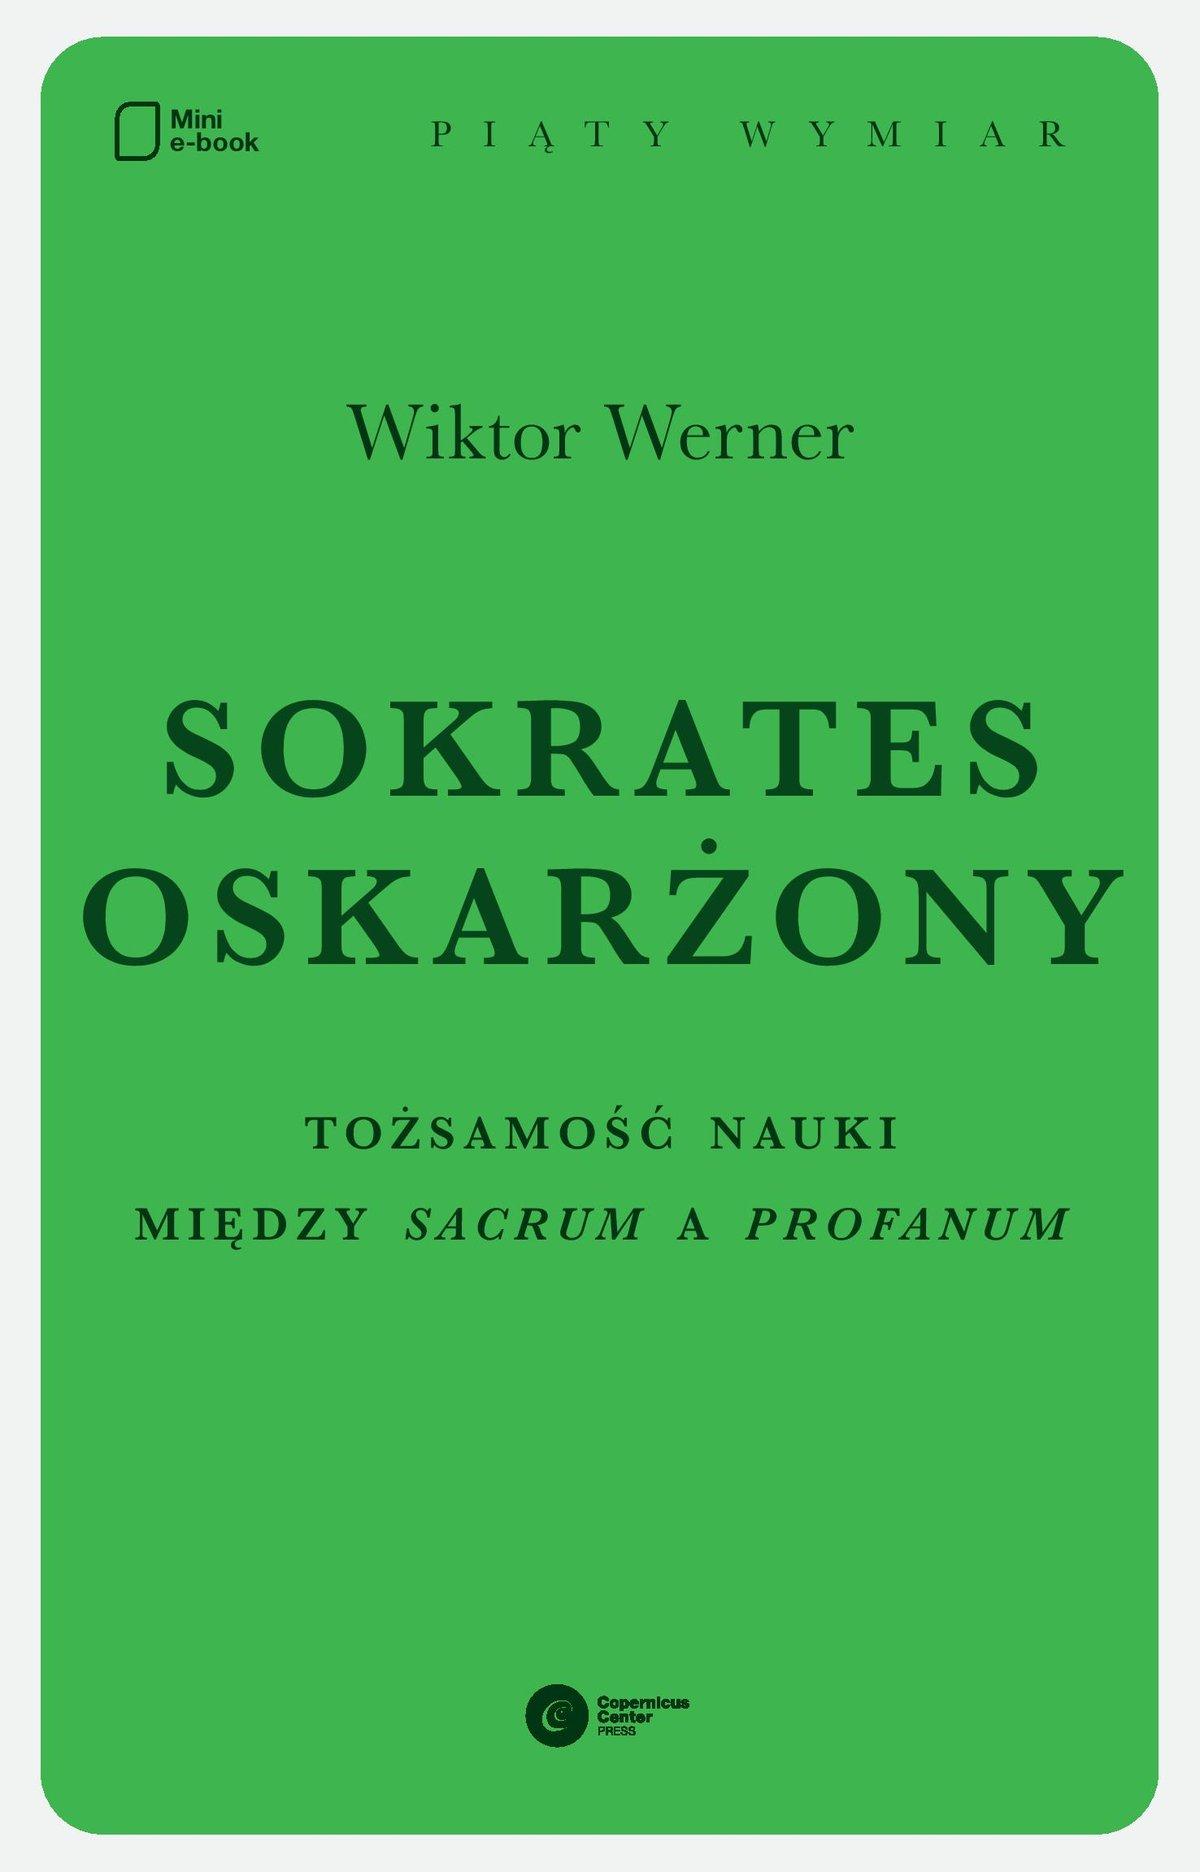 Sokrates oskarżony - Ebook (Książka EPUB) do pobrania w formacie EPUB